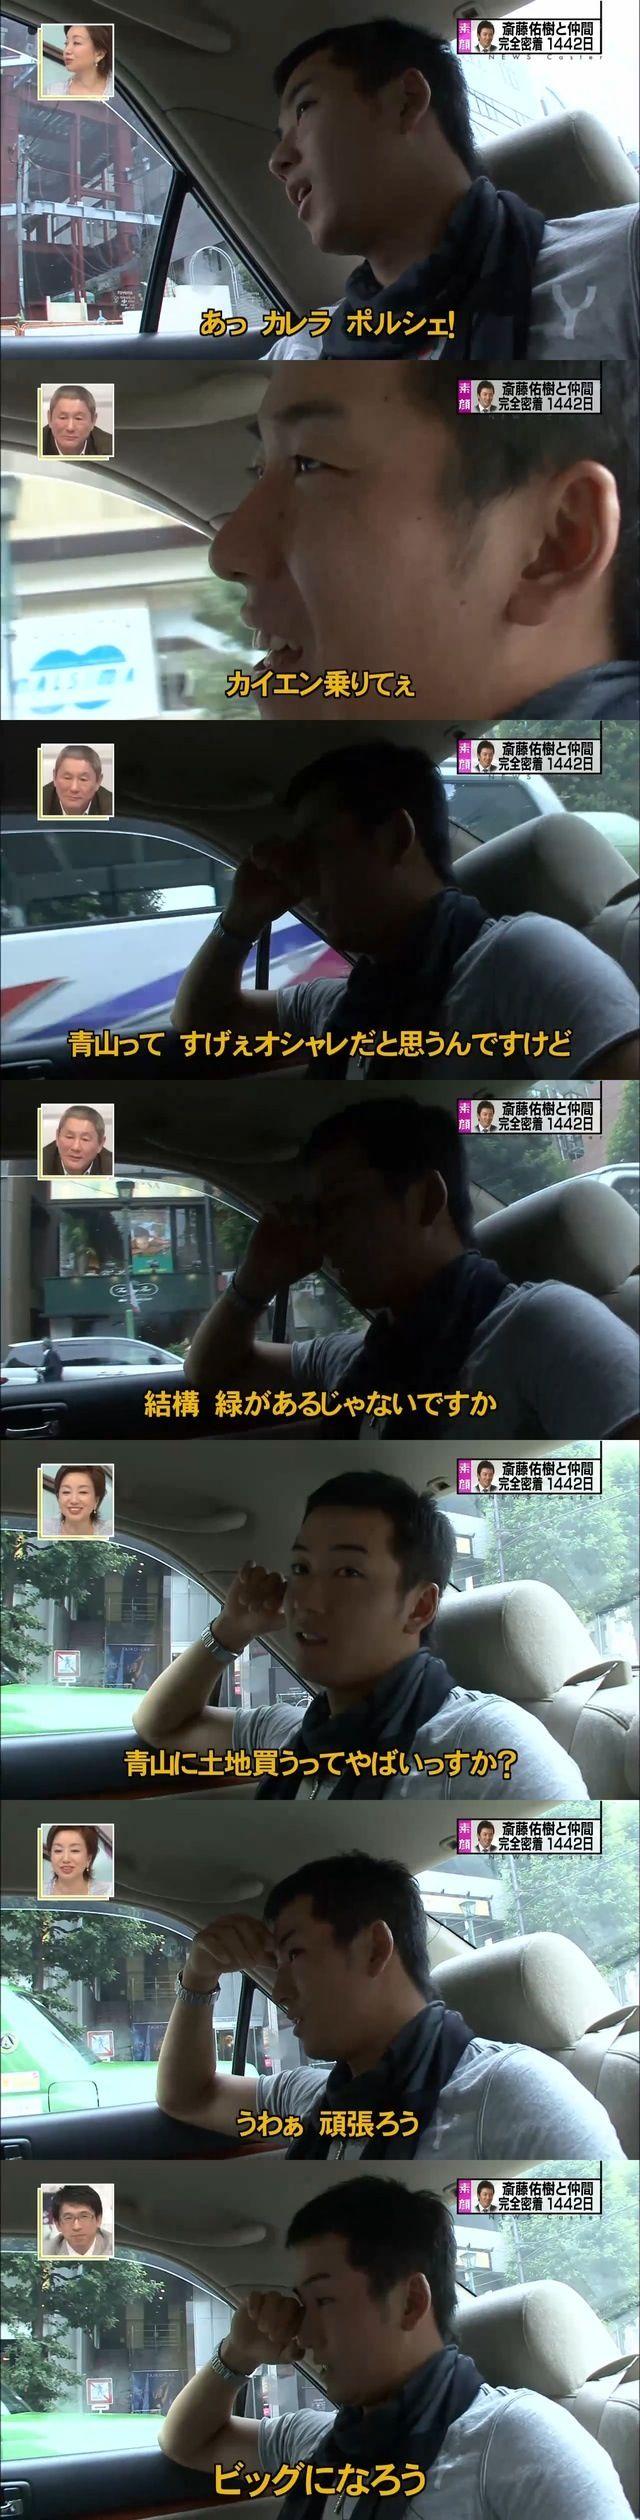 https://livedoor.blogimg.jp/saito234-affili4/imgs/e/2/e20877d1.jpg